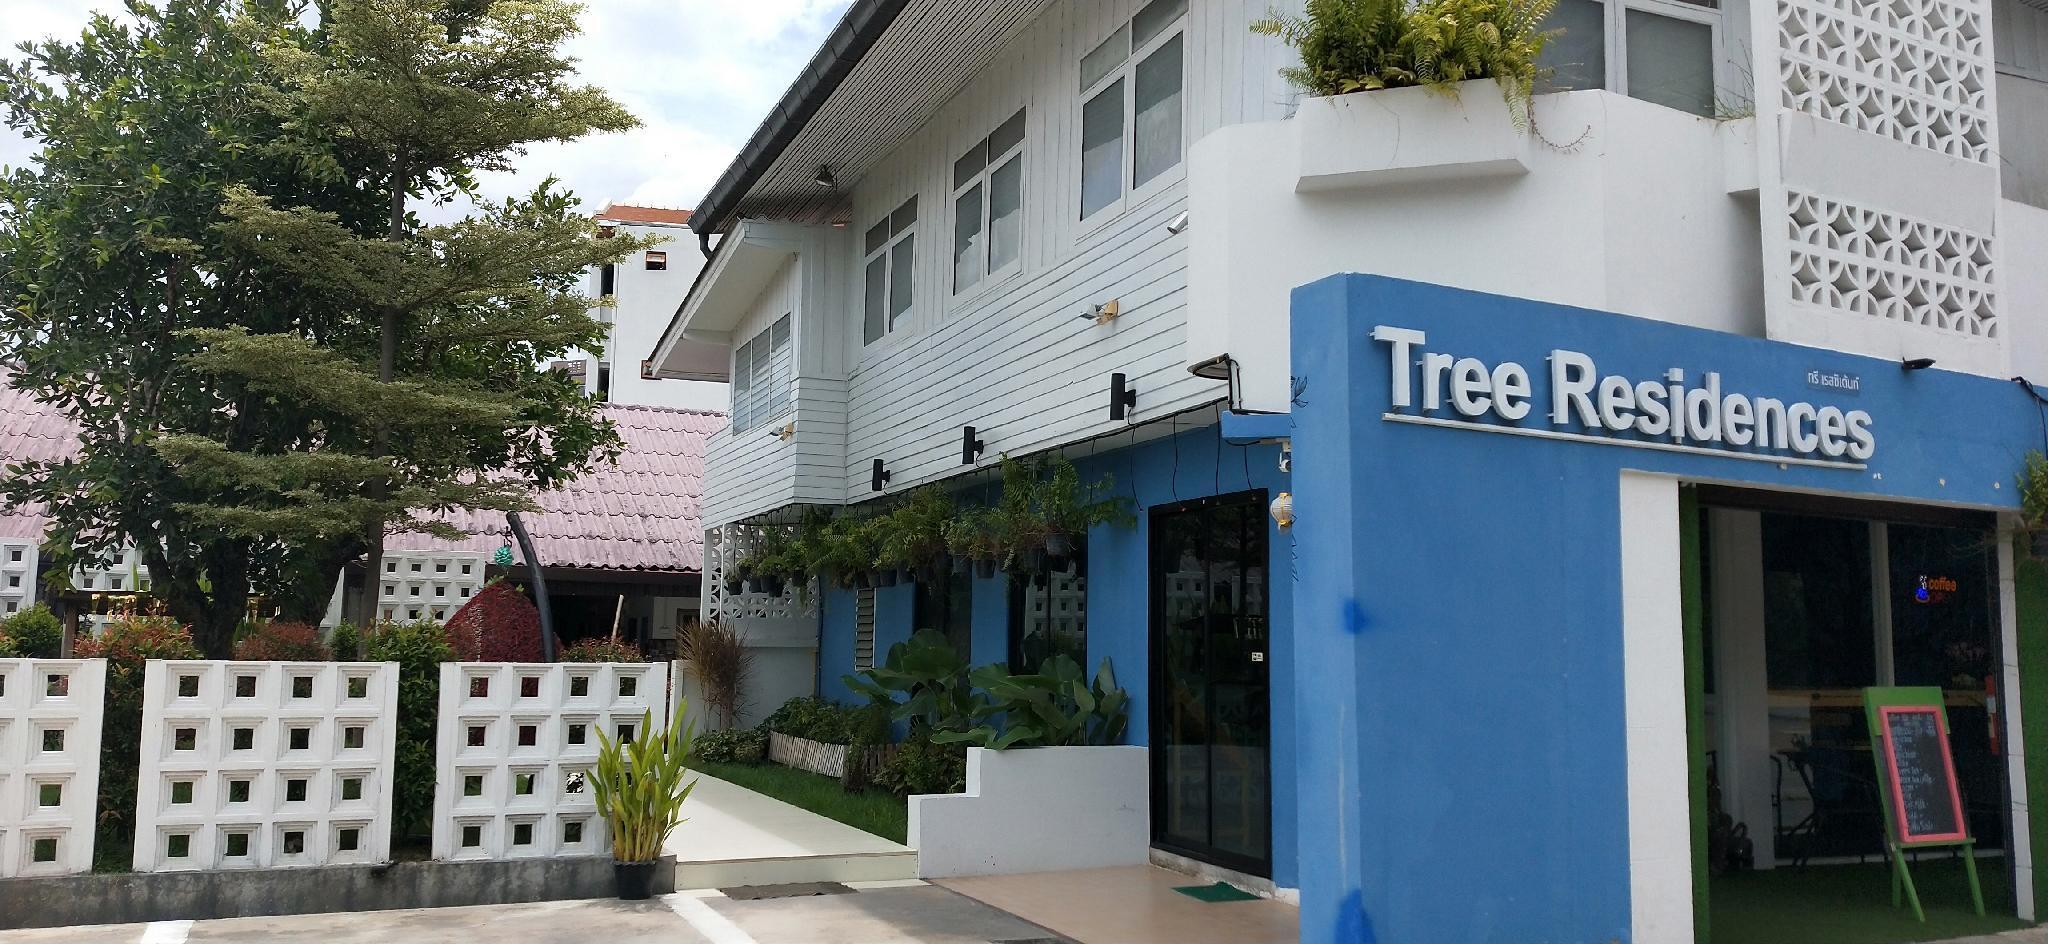 Tree Residences